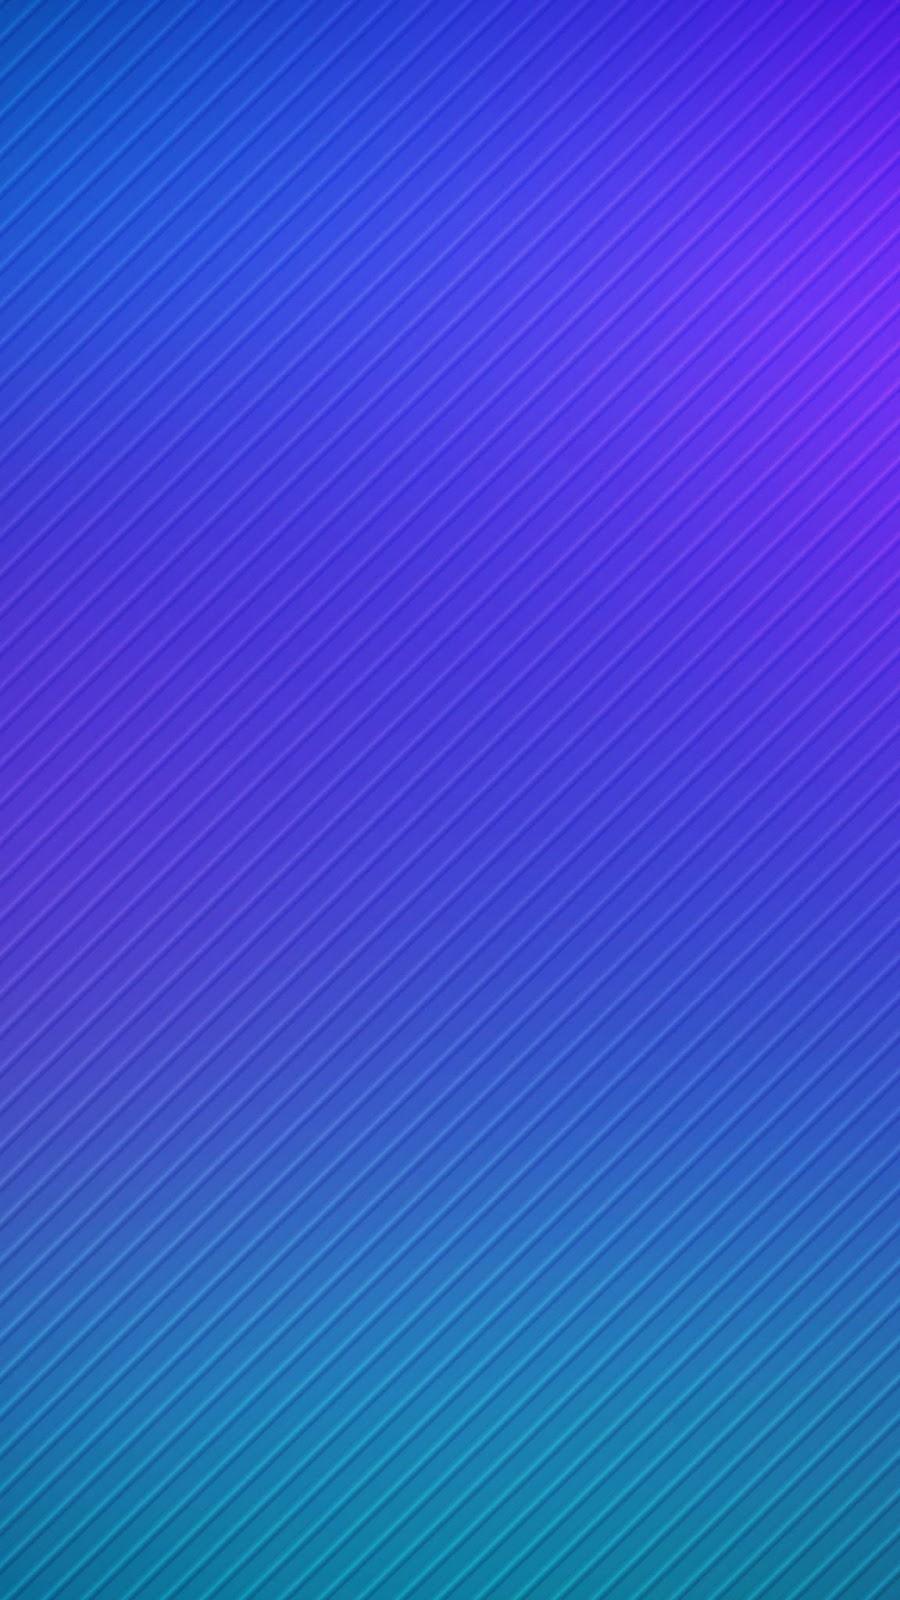 Free Wallpaper Phone Full Color Wallpaper BlackBerry Priv